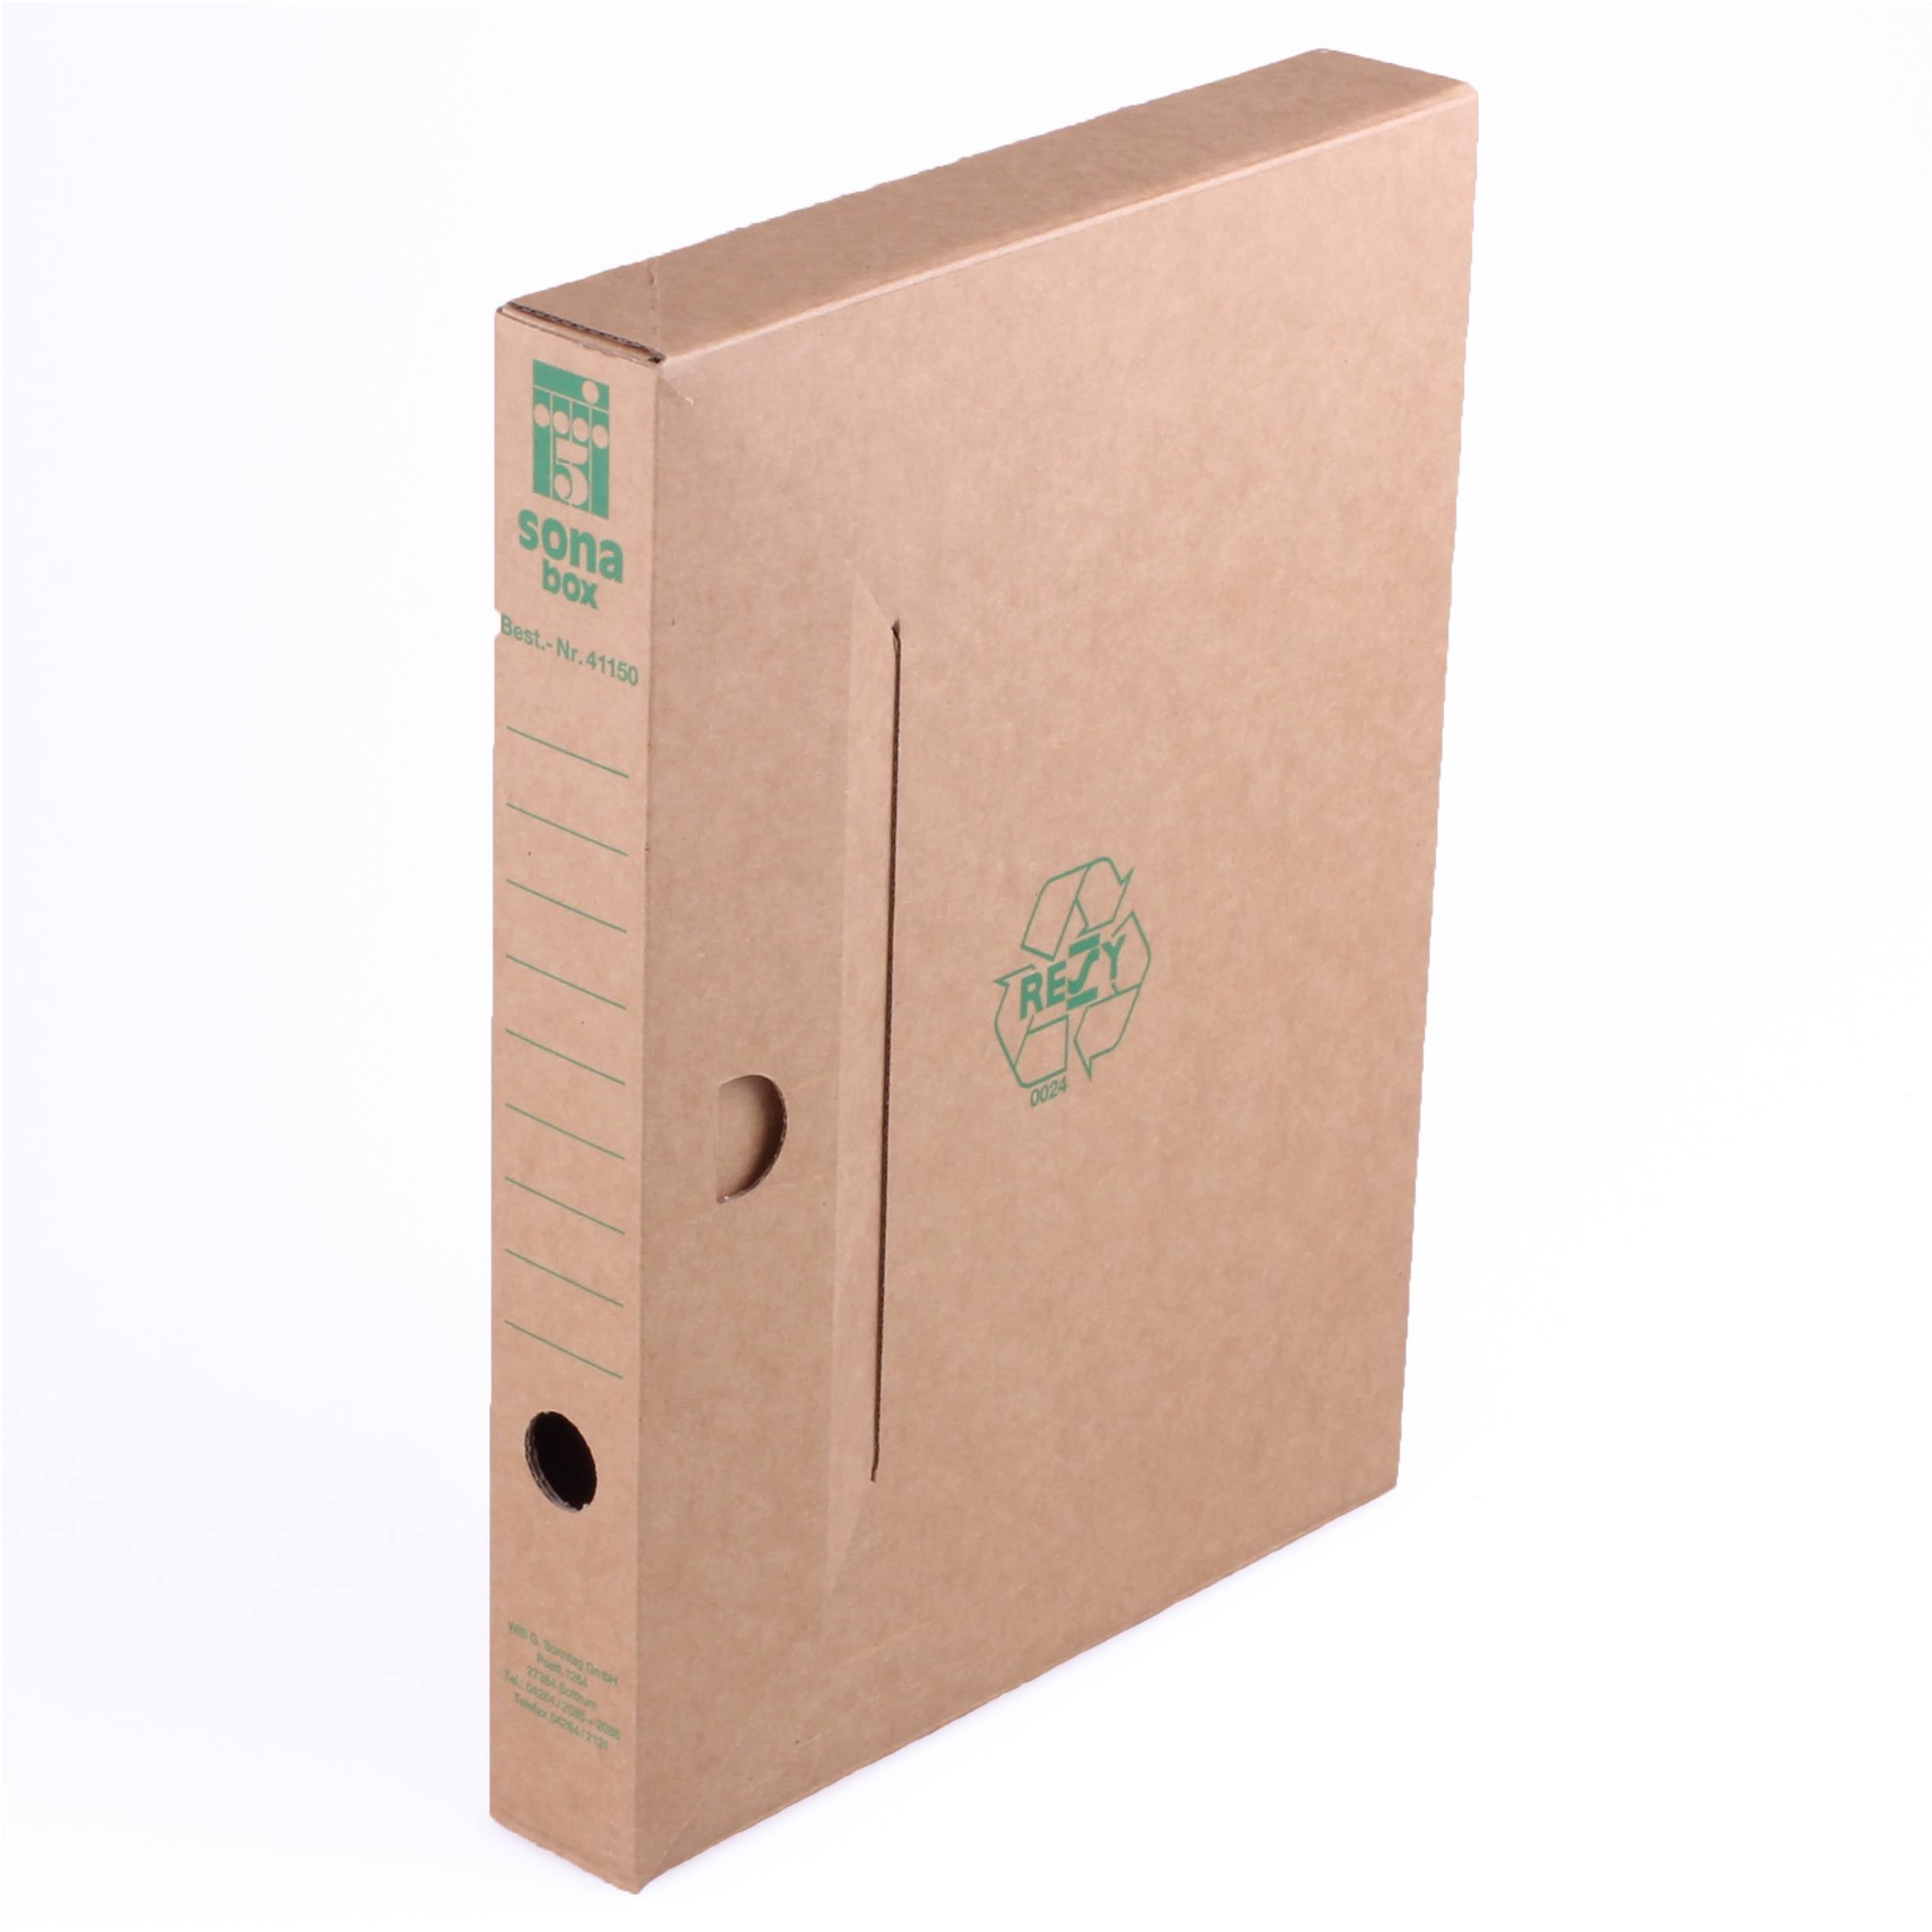 sona box braun s din a4 auch als loseblattablage online kaufen. Black Bedroom Furniture Sets. Home Design Ideas